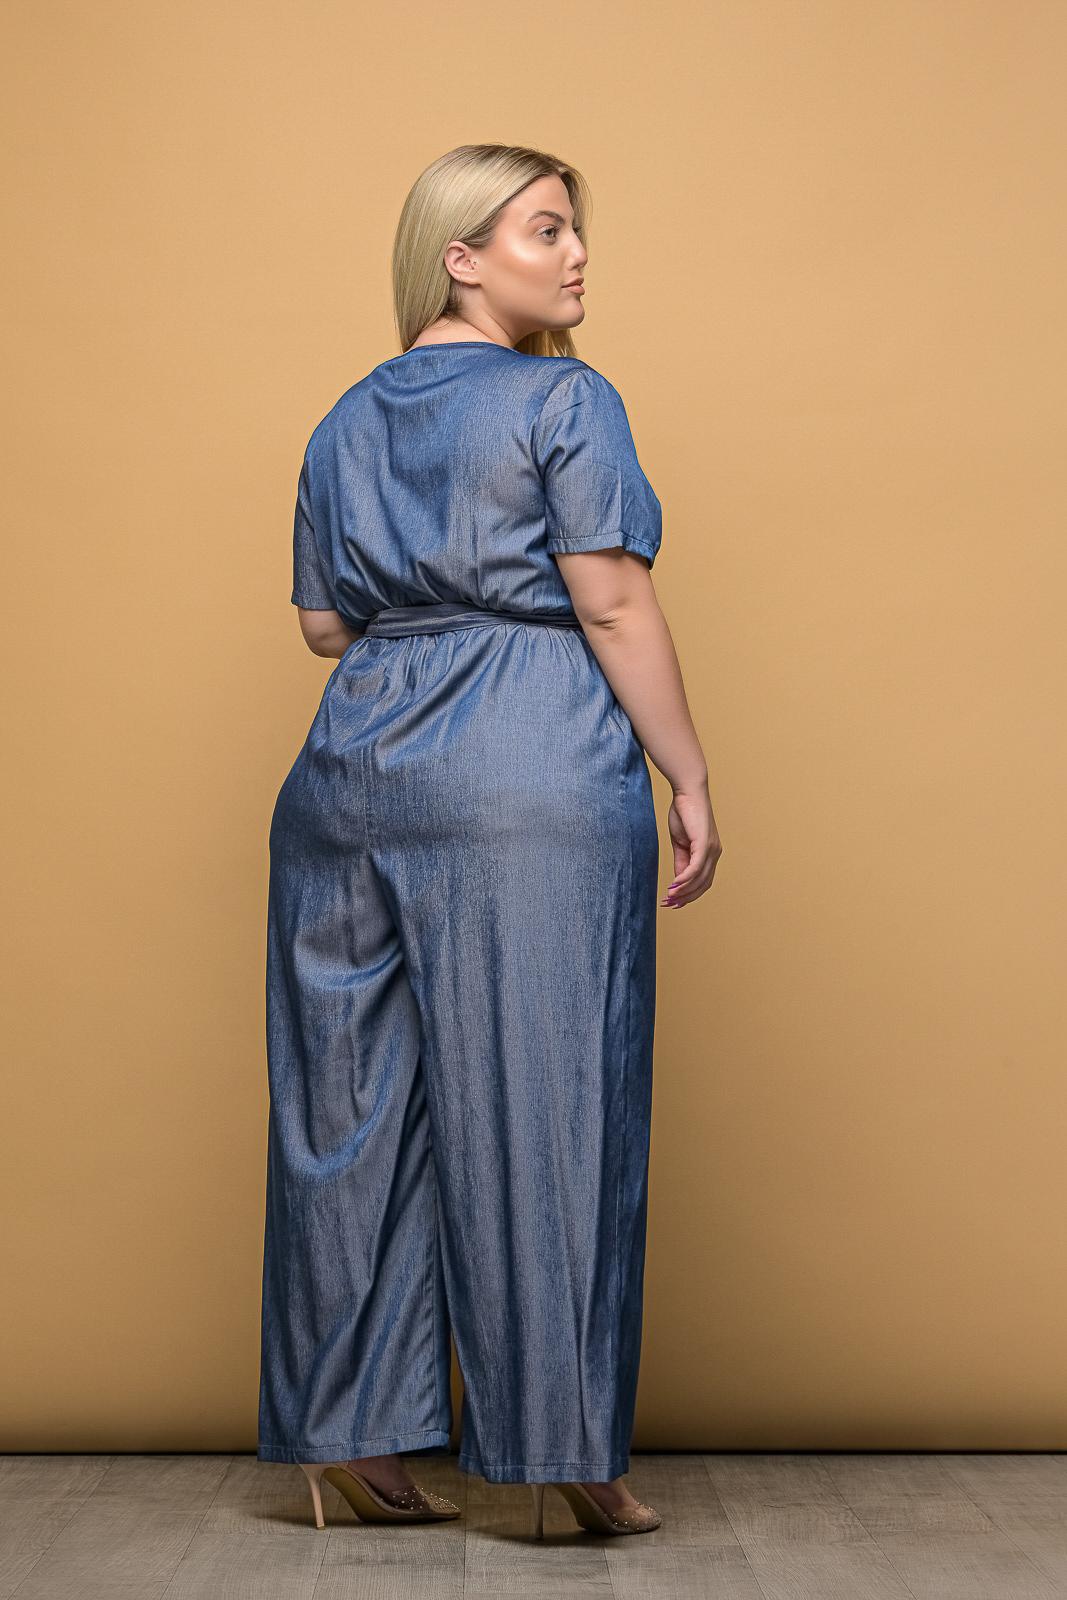 Ολόσωμη φόρμα μεγάλα μεγέθη κρουαζέ τζιν με ζωνάκι.Στο eshop μας θα βρείτε οικονομικά γυναίκεια ρούχα σε μεγάλα μεγέθη και υπερμεγέθη.